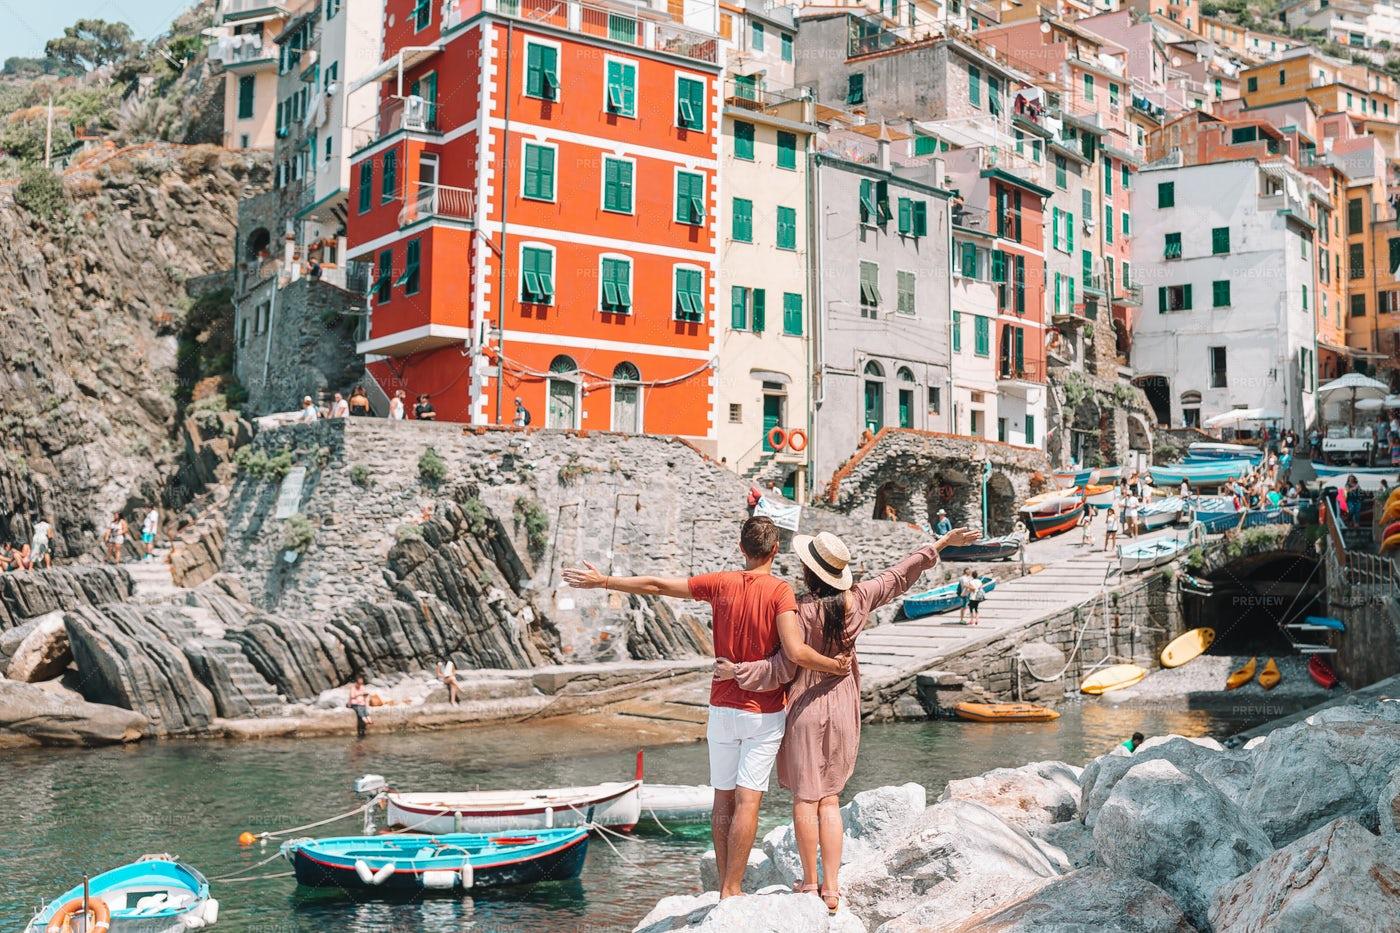 Tourists In Riomaggiore: Stock Photos